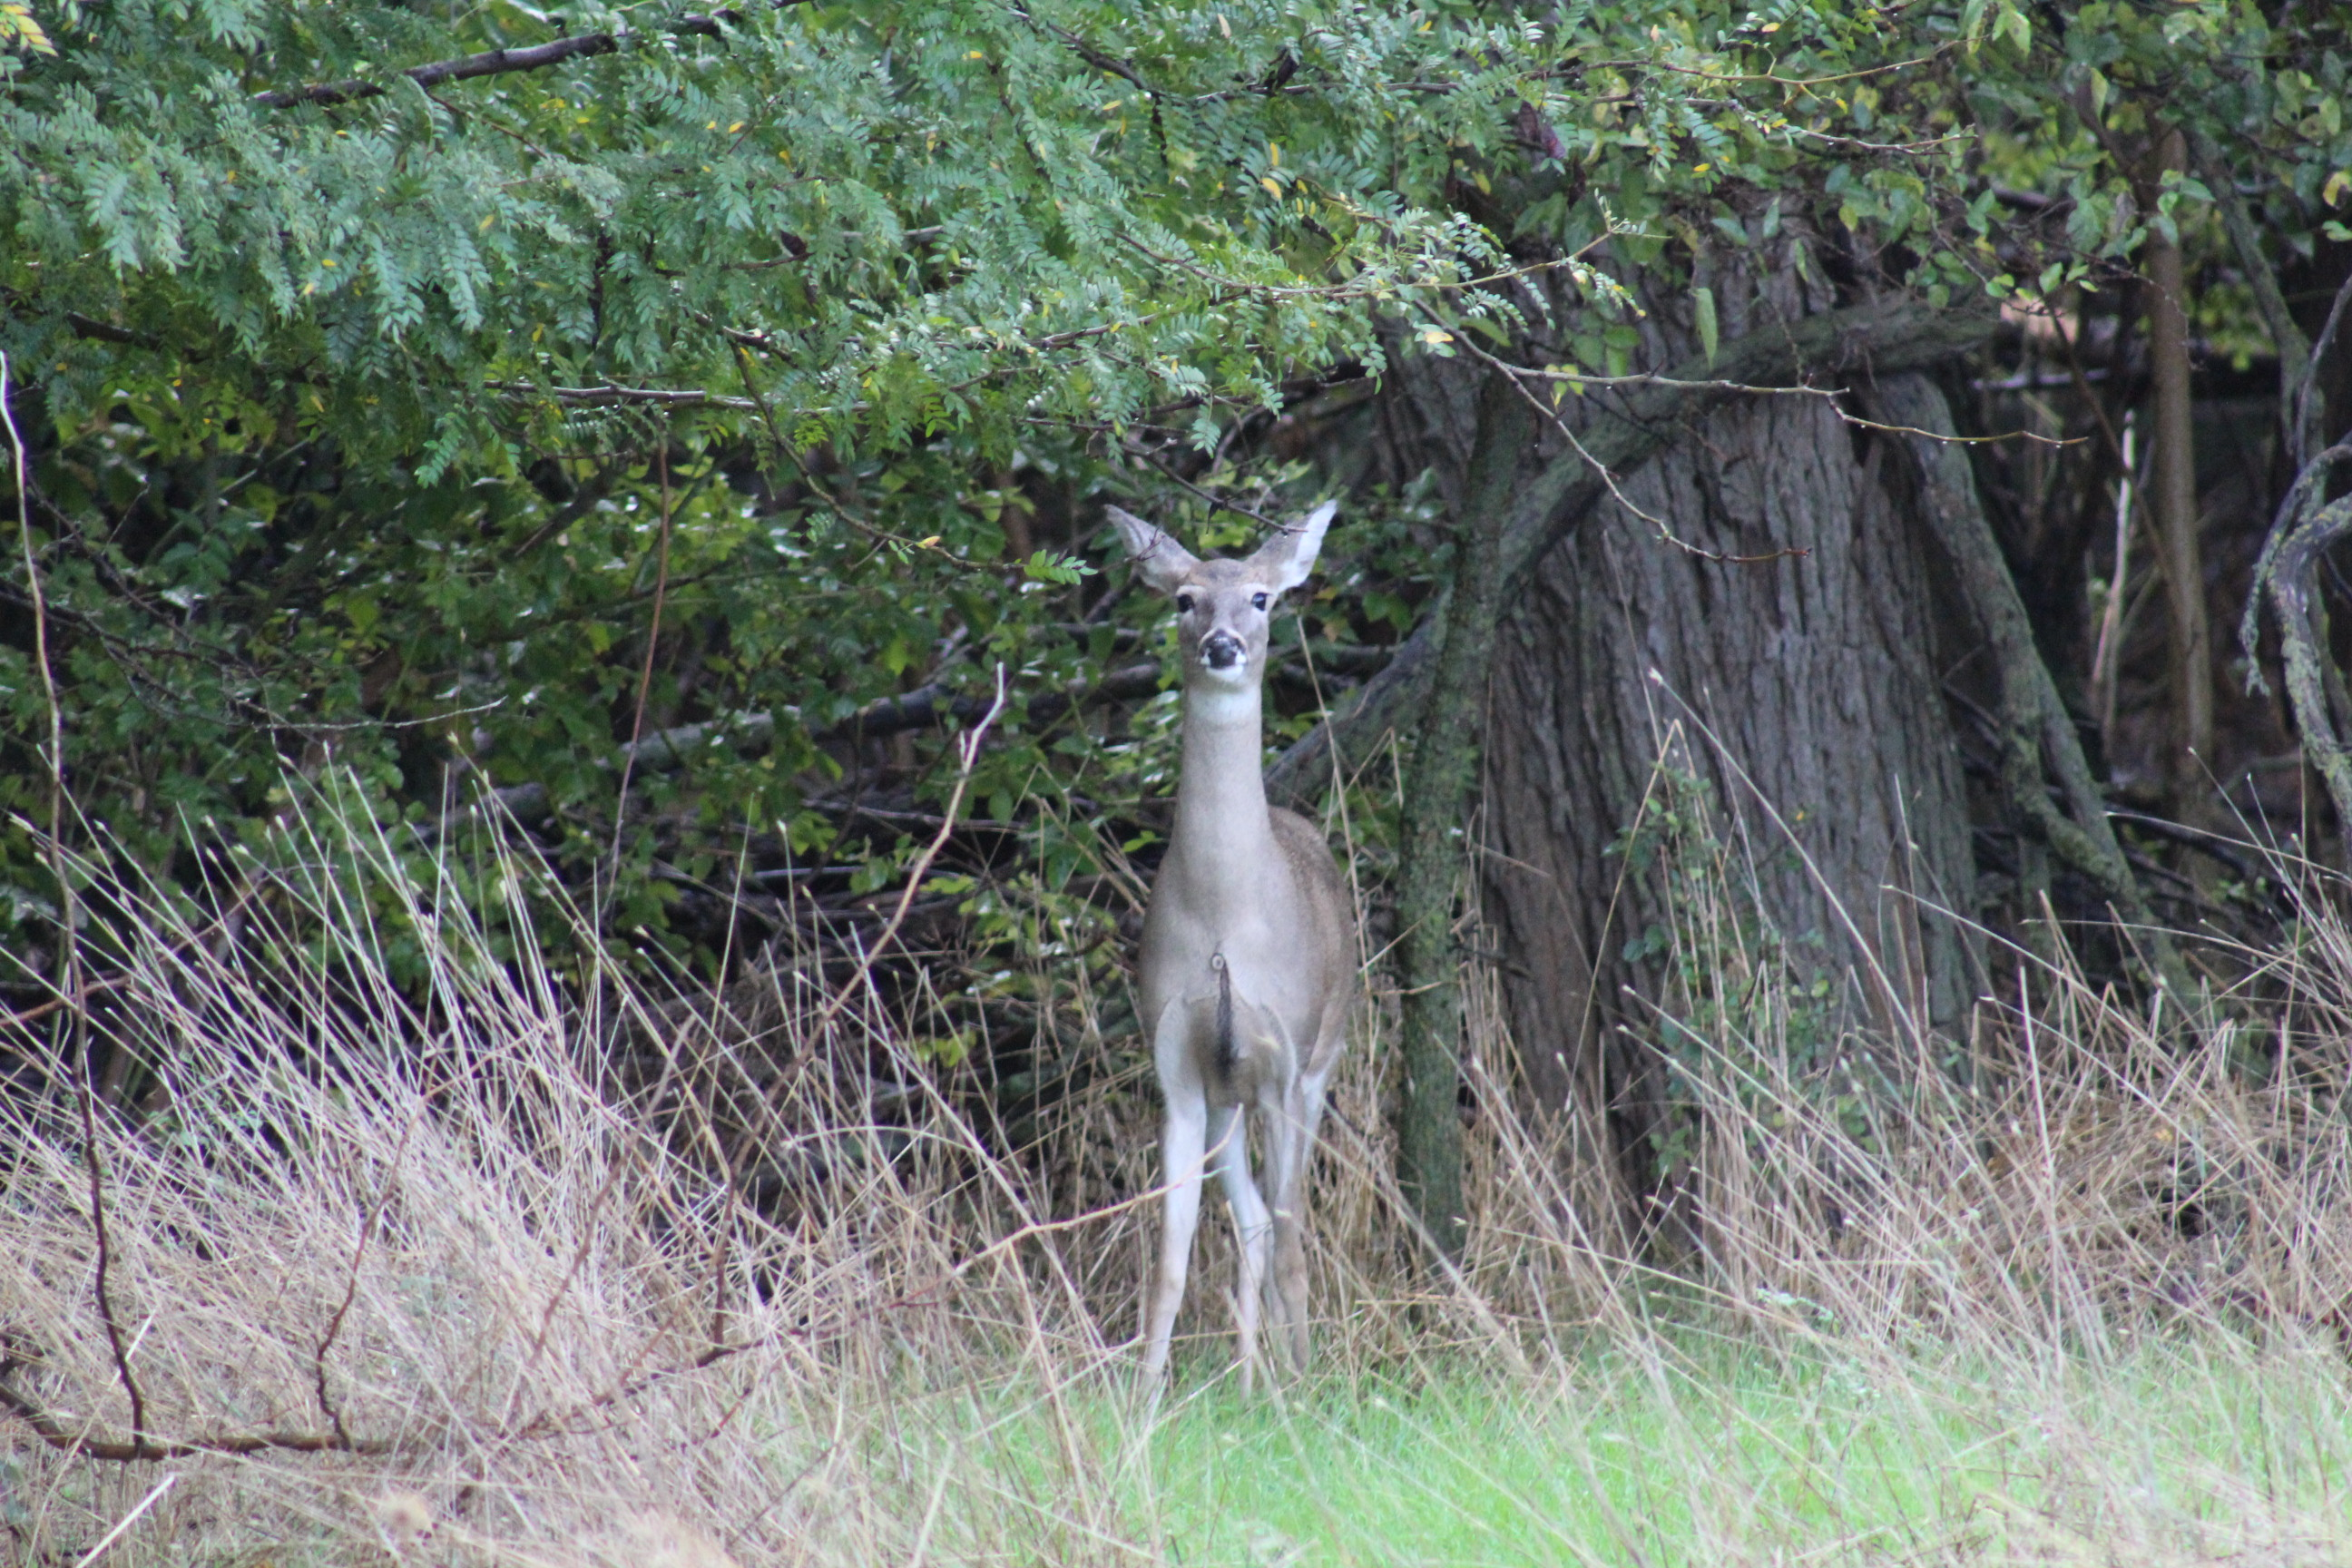 Deer at Quivira National Wildlife Refuge (Photo by J. Schafer)